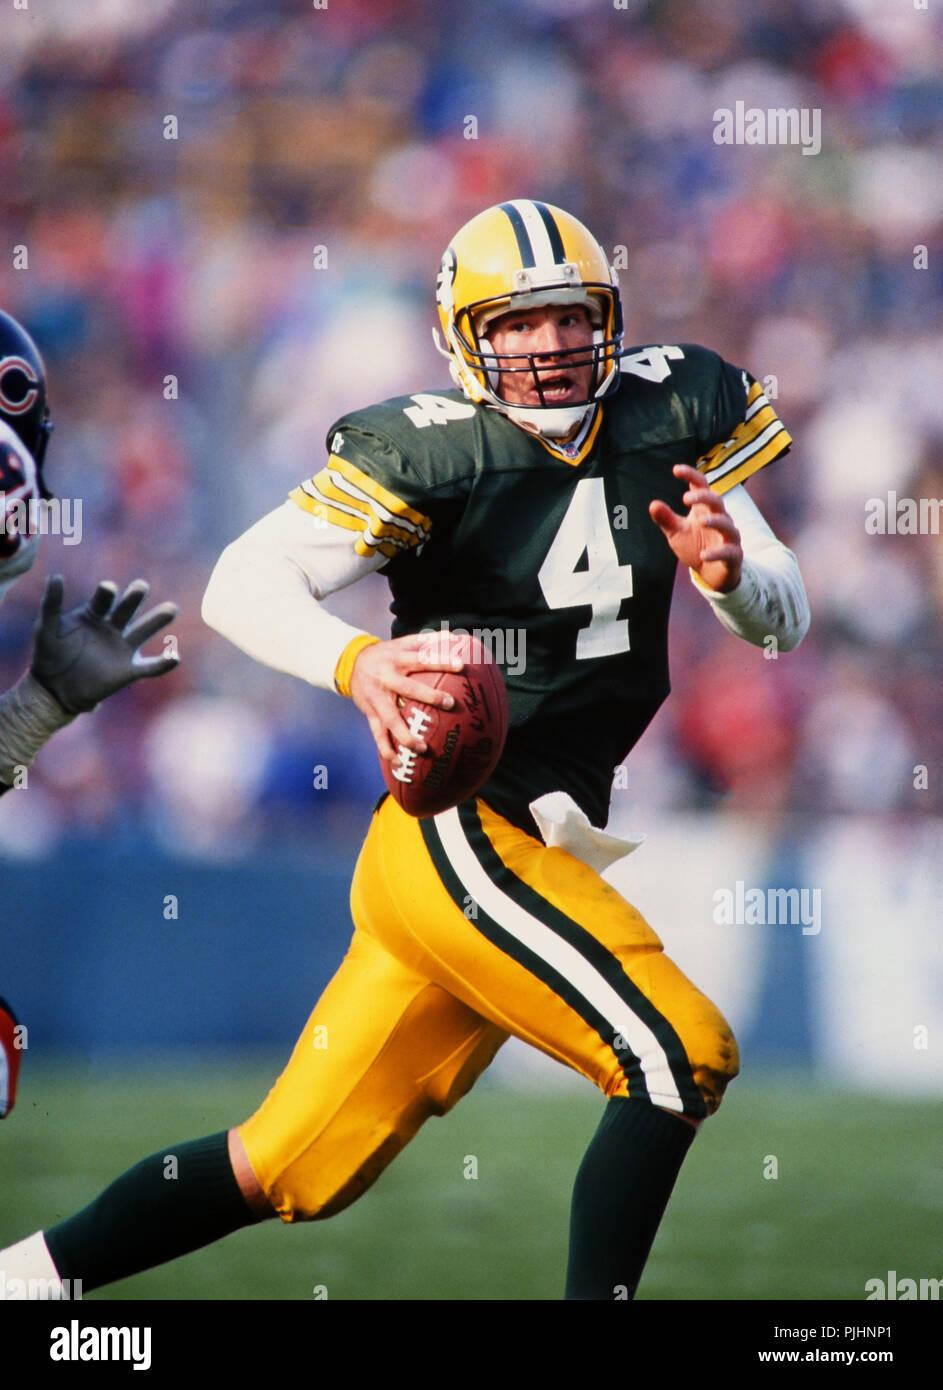 Green Bay Packers tutti i Pro NFL quarterback Brett Favre elude un orso di Chicago tackler durante un gioco in Green Bay nel 1999. Foto Stock